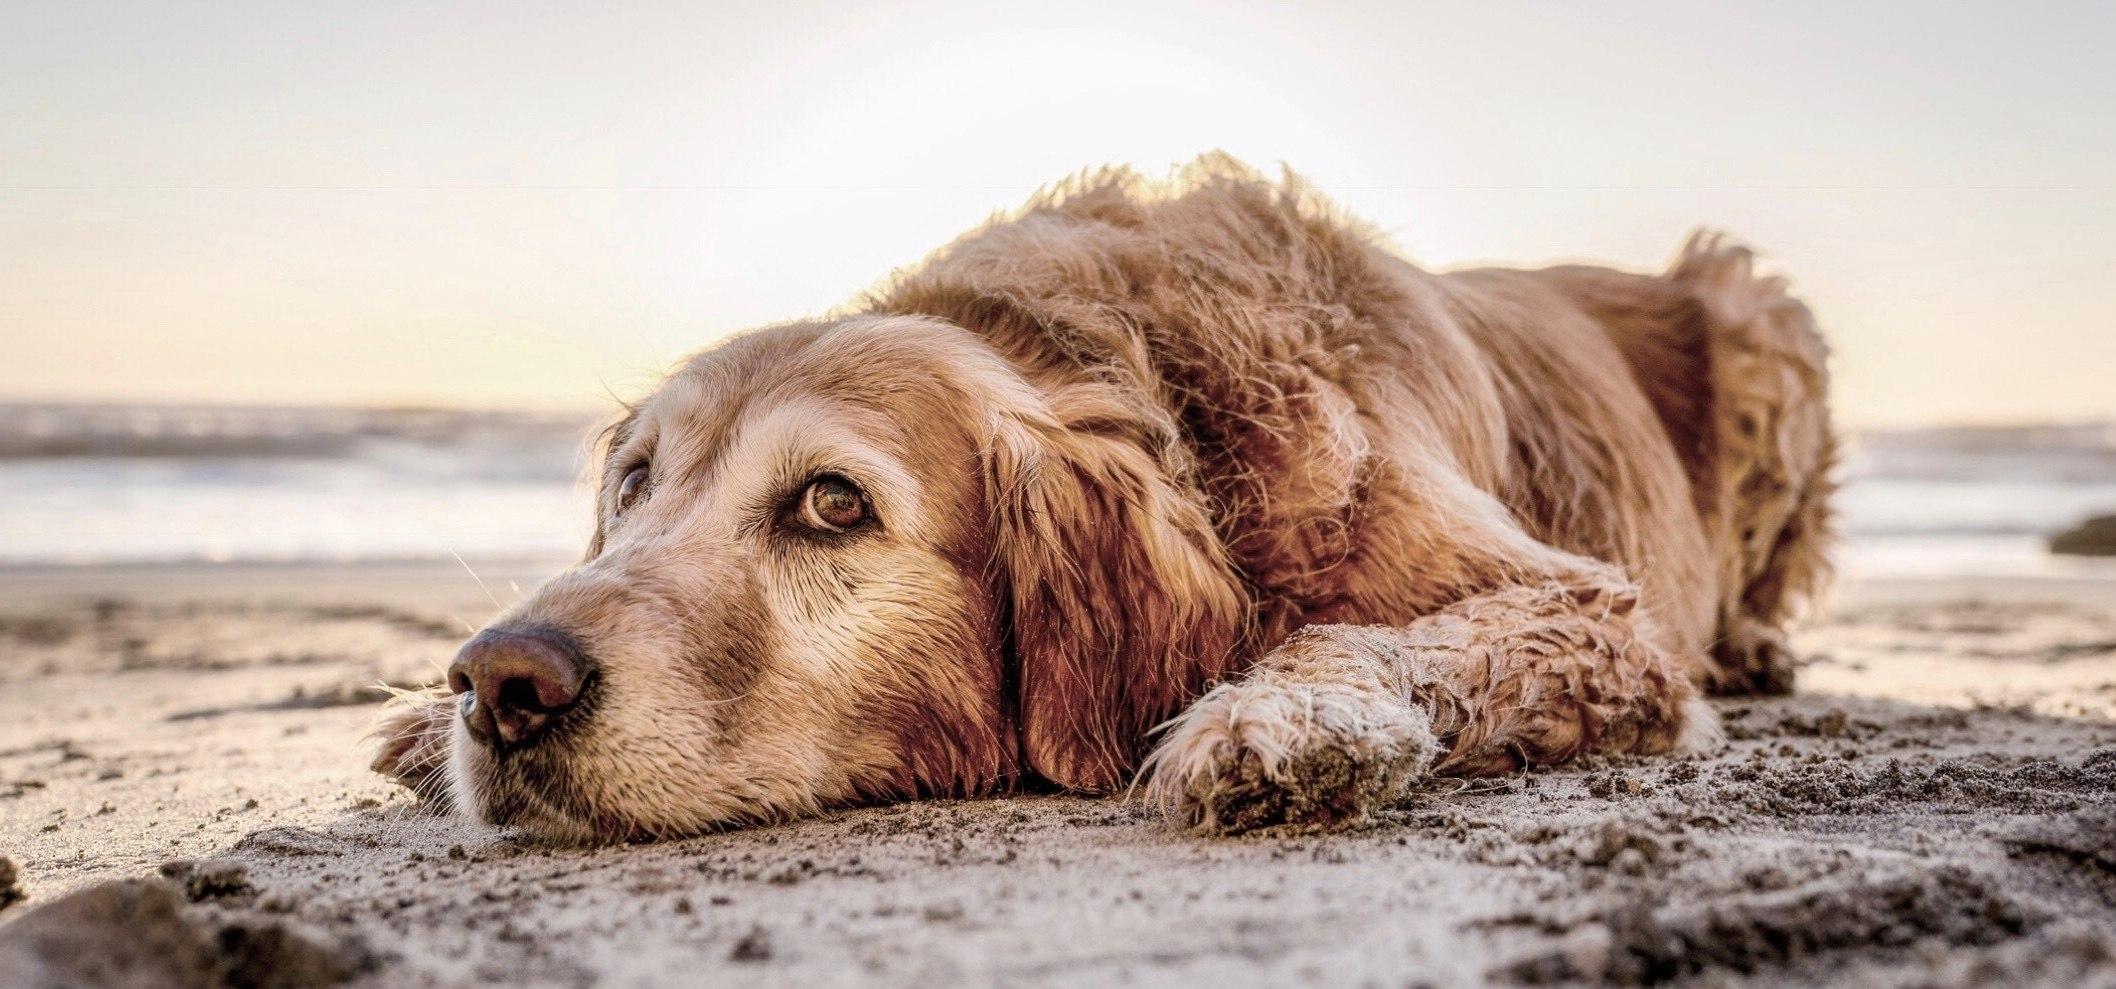 Comment protéger les coussinets de mon chien en été